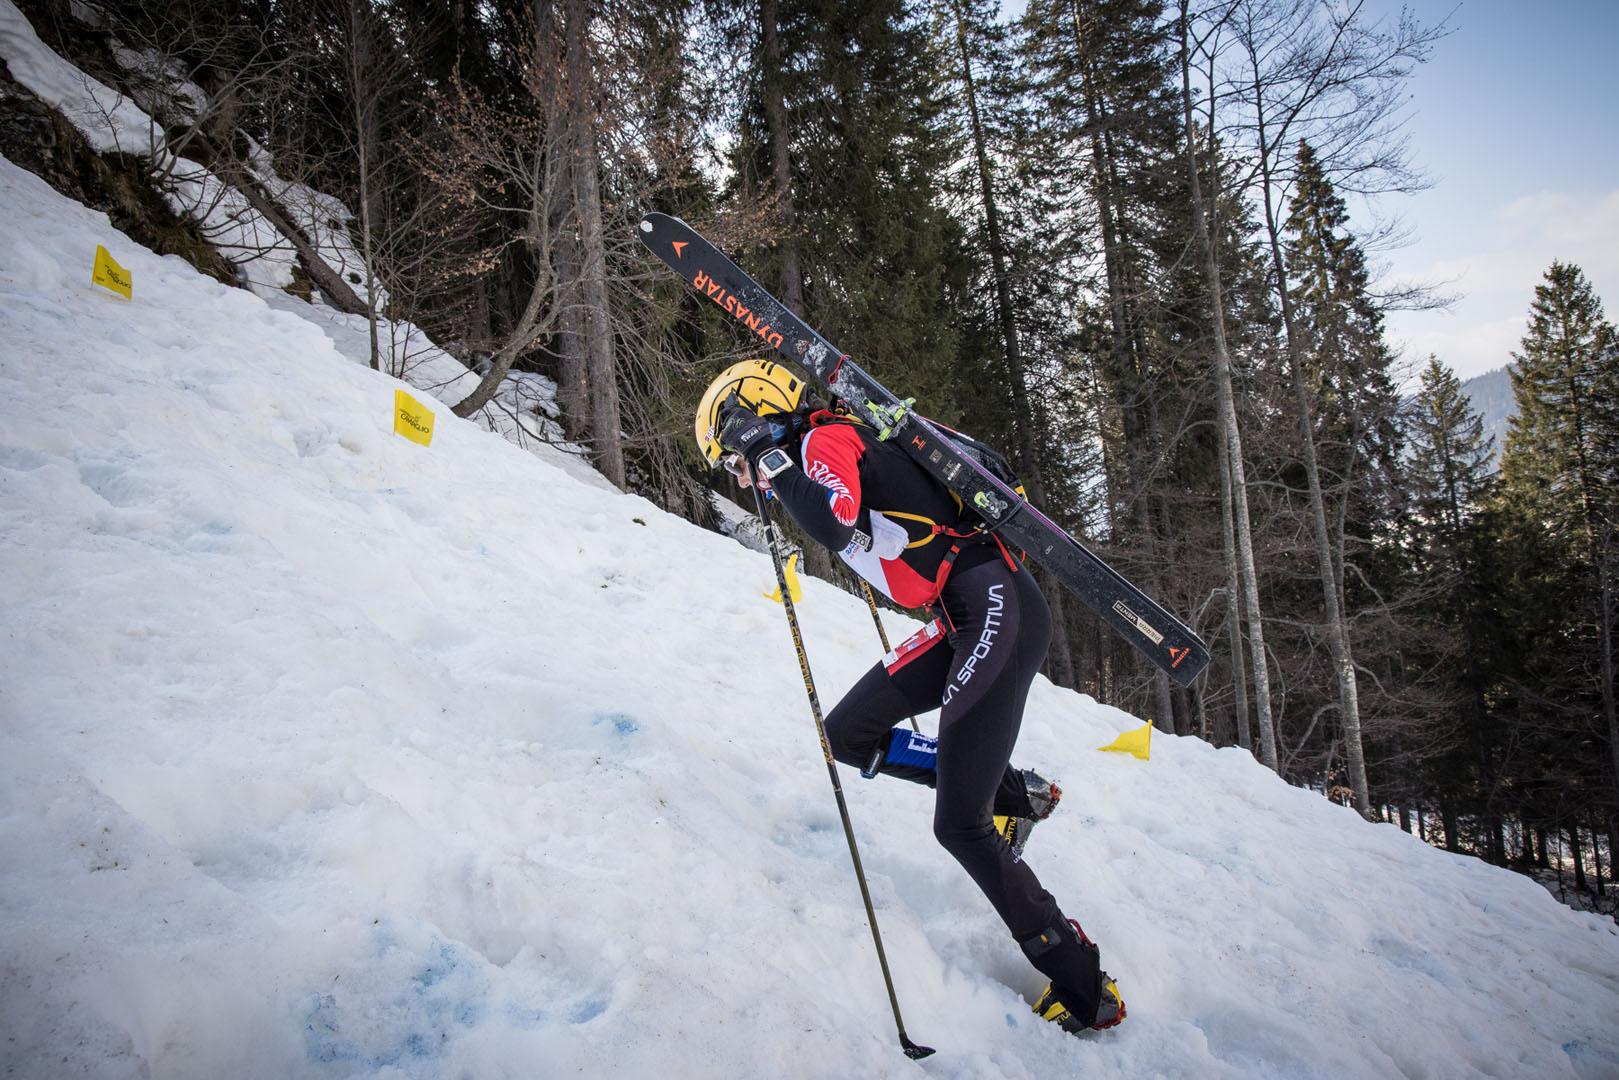 Le ski-alpinisme proposé comme sport additionnel pour les JO 2026